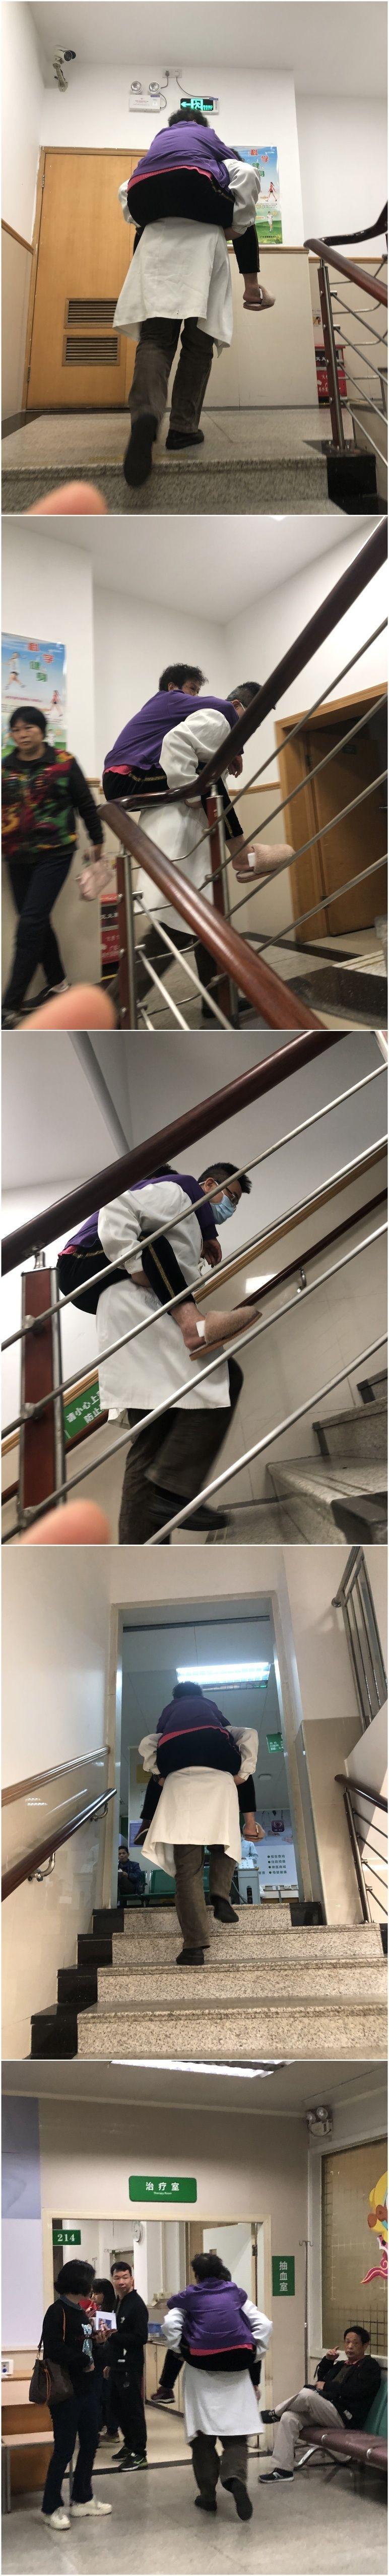 """暖心刷屏!佛山医生背病人爬楼梯治疗,留下""""感人背影"""""""